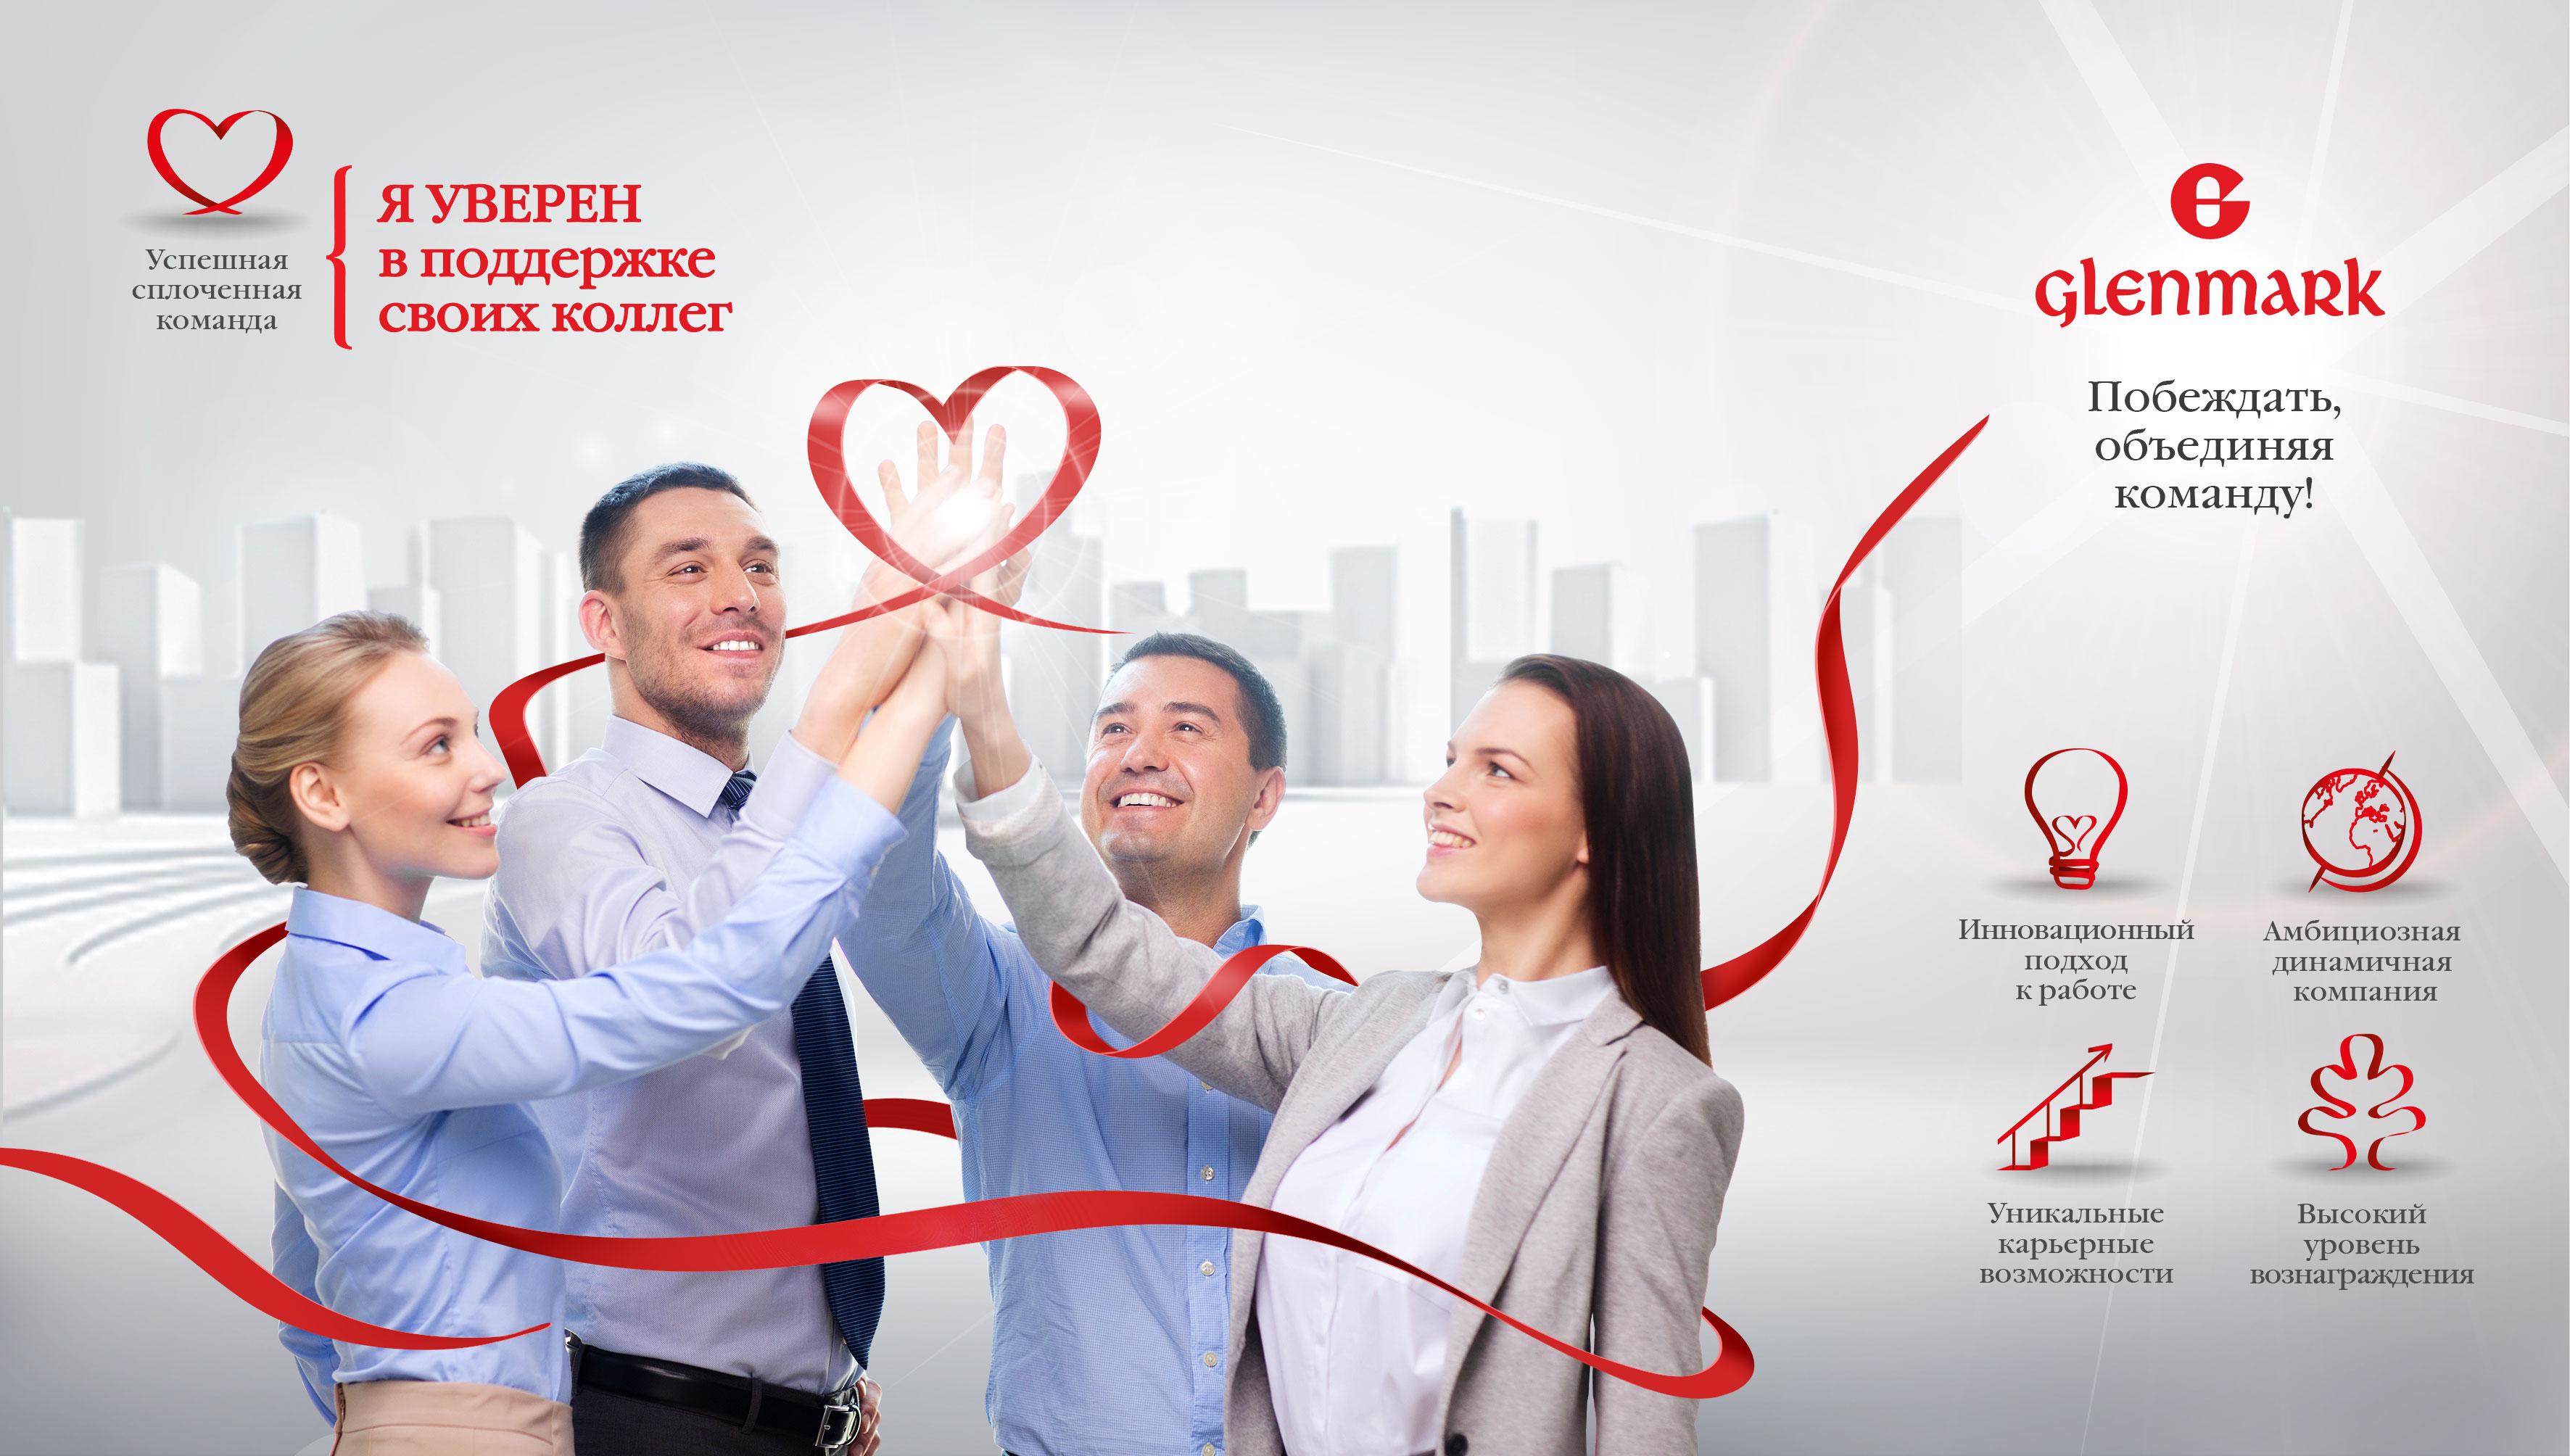 Красная линия компании «Гленмарк» в России: как правильный HR-брендинг укрепляет команду профессионалов